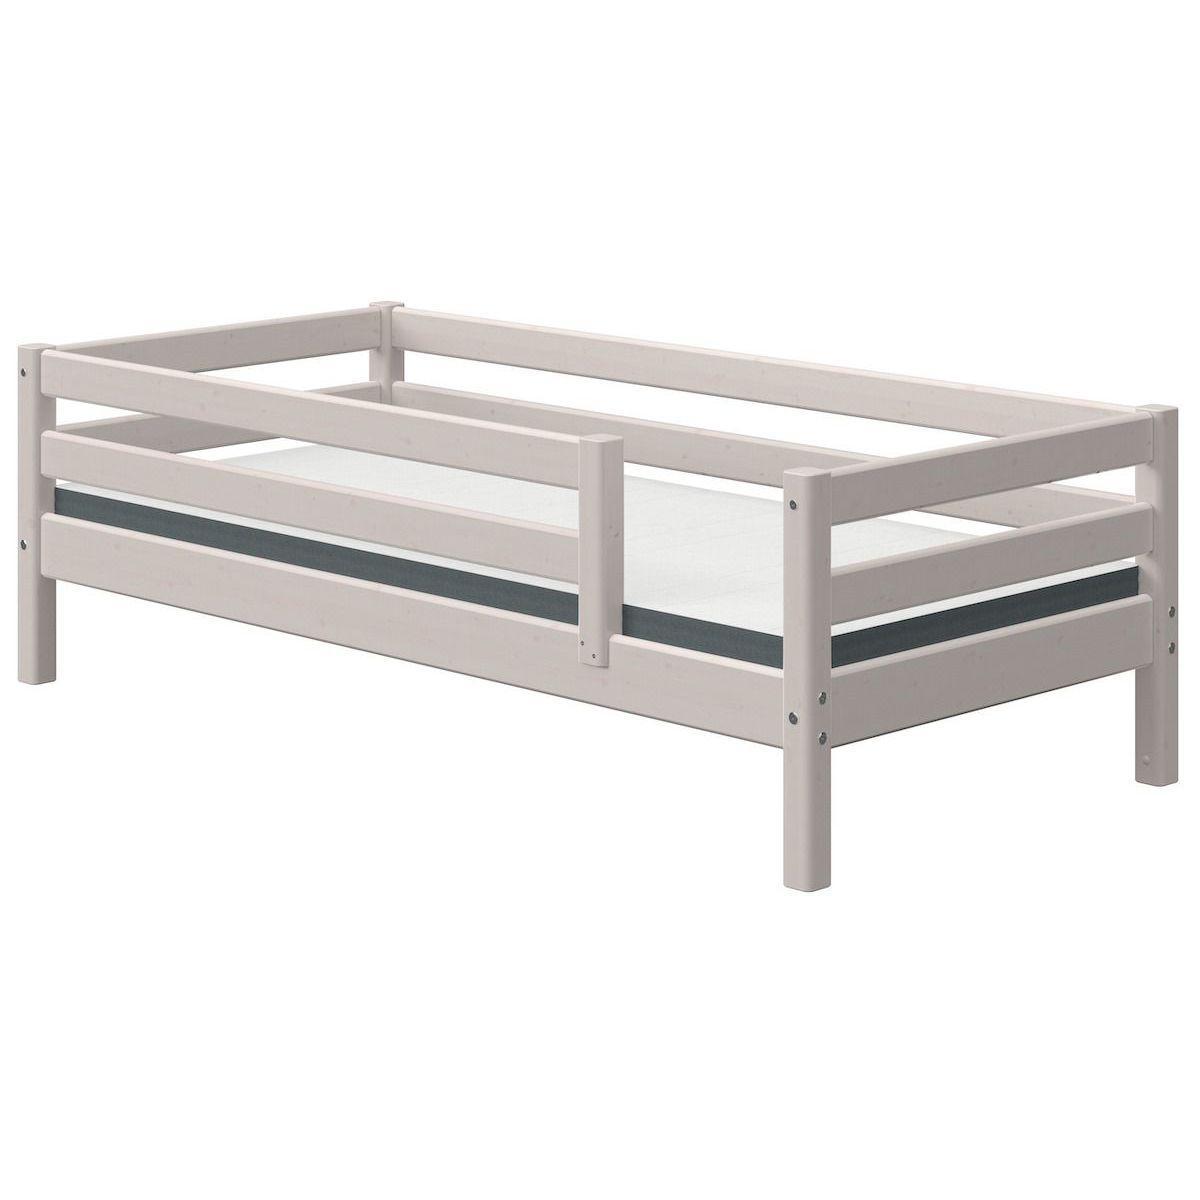 Lit banquette 90x200cm barrière de sécurité CLASSIC Flexa grey washed